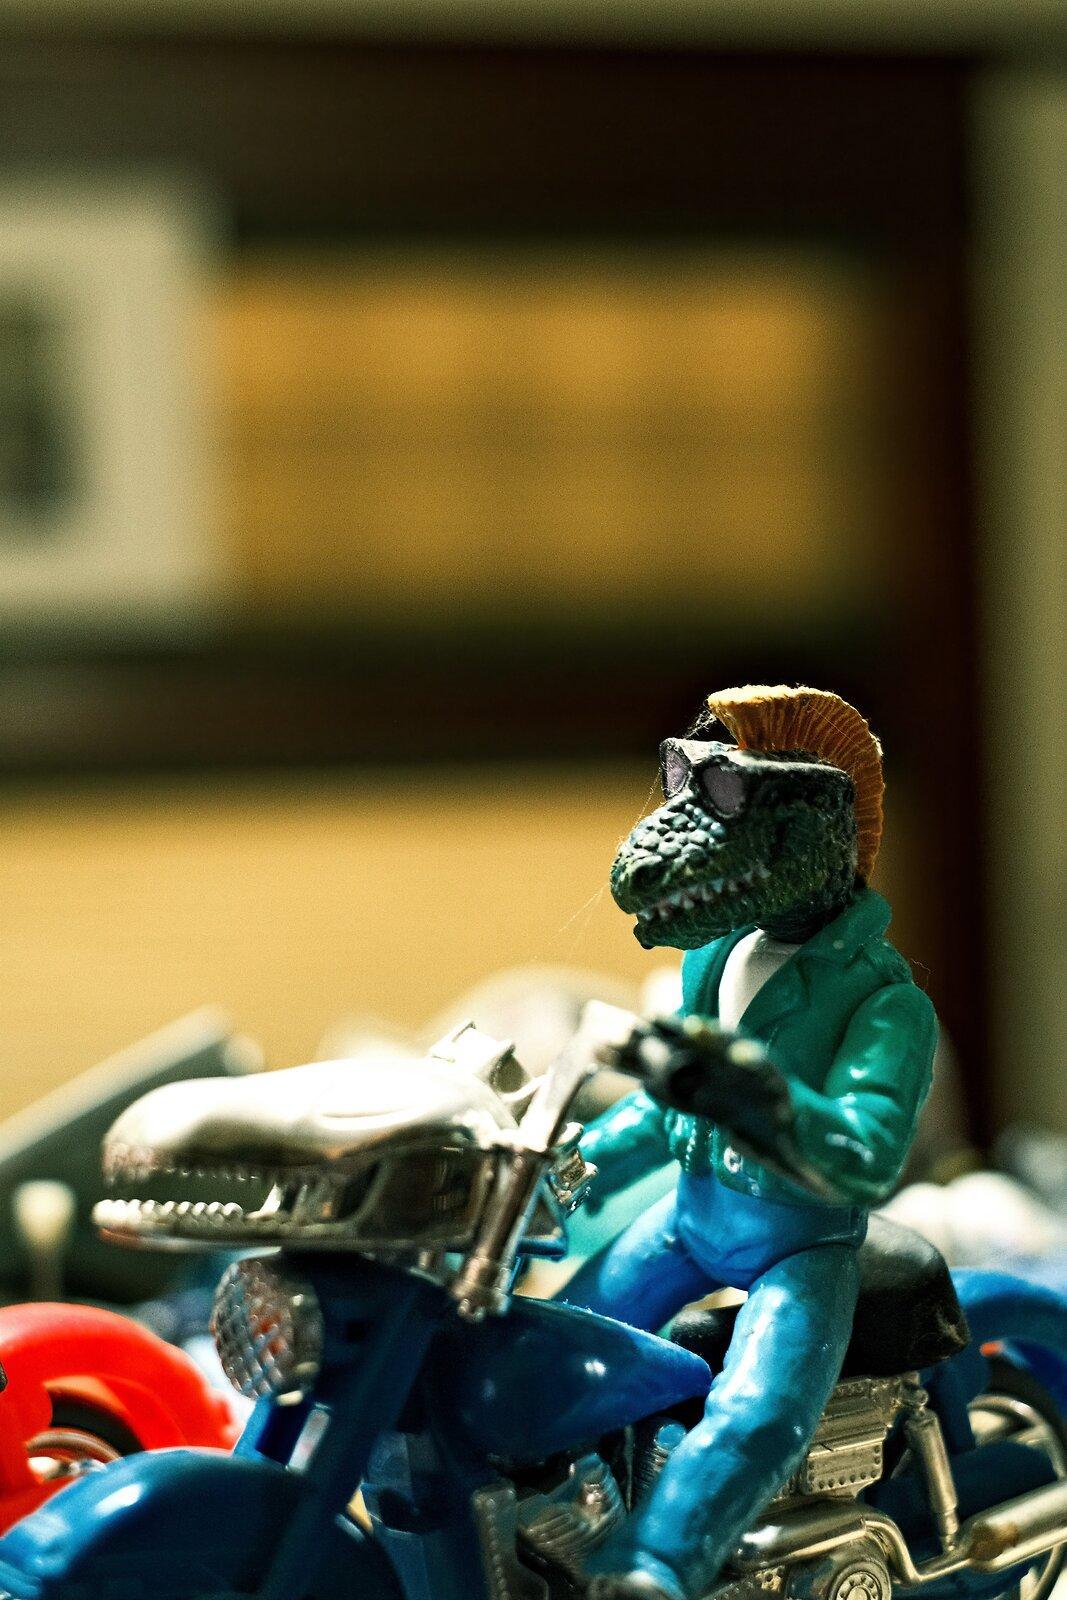 XPro3_July10_21_Dino_biker.jpg